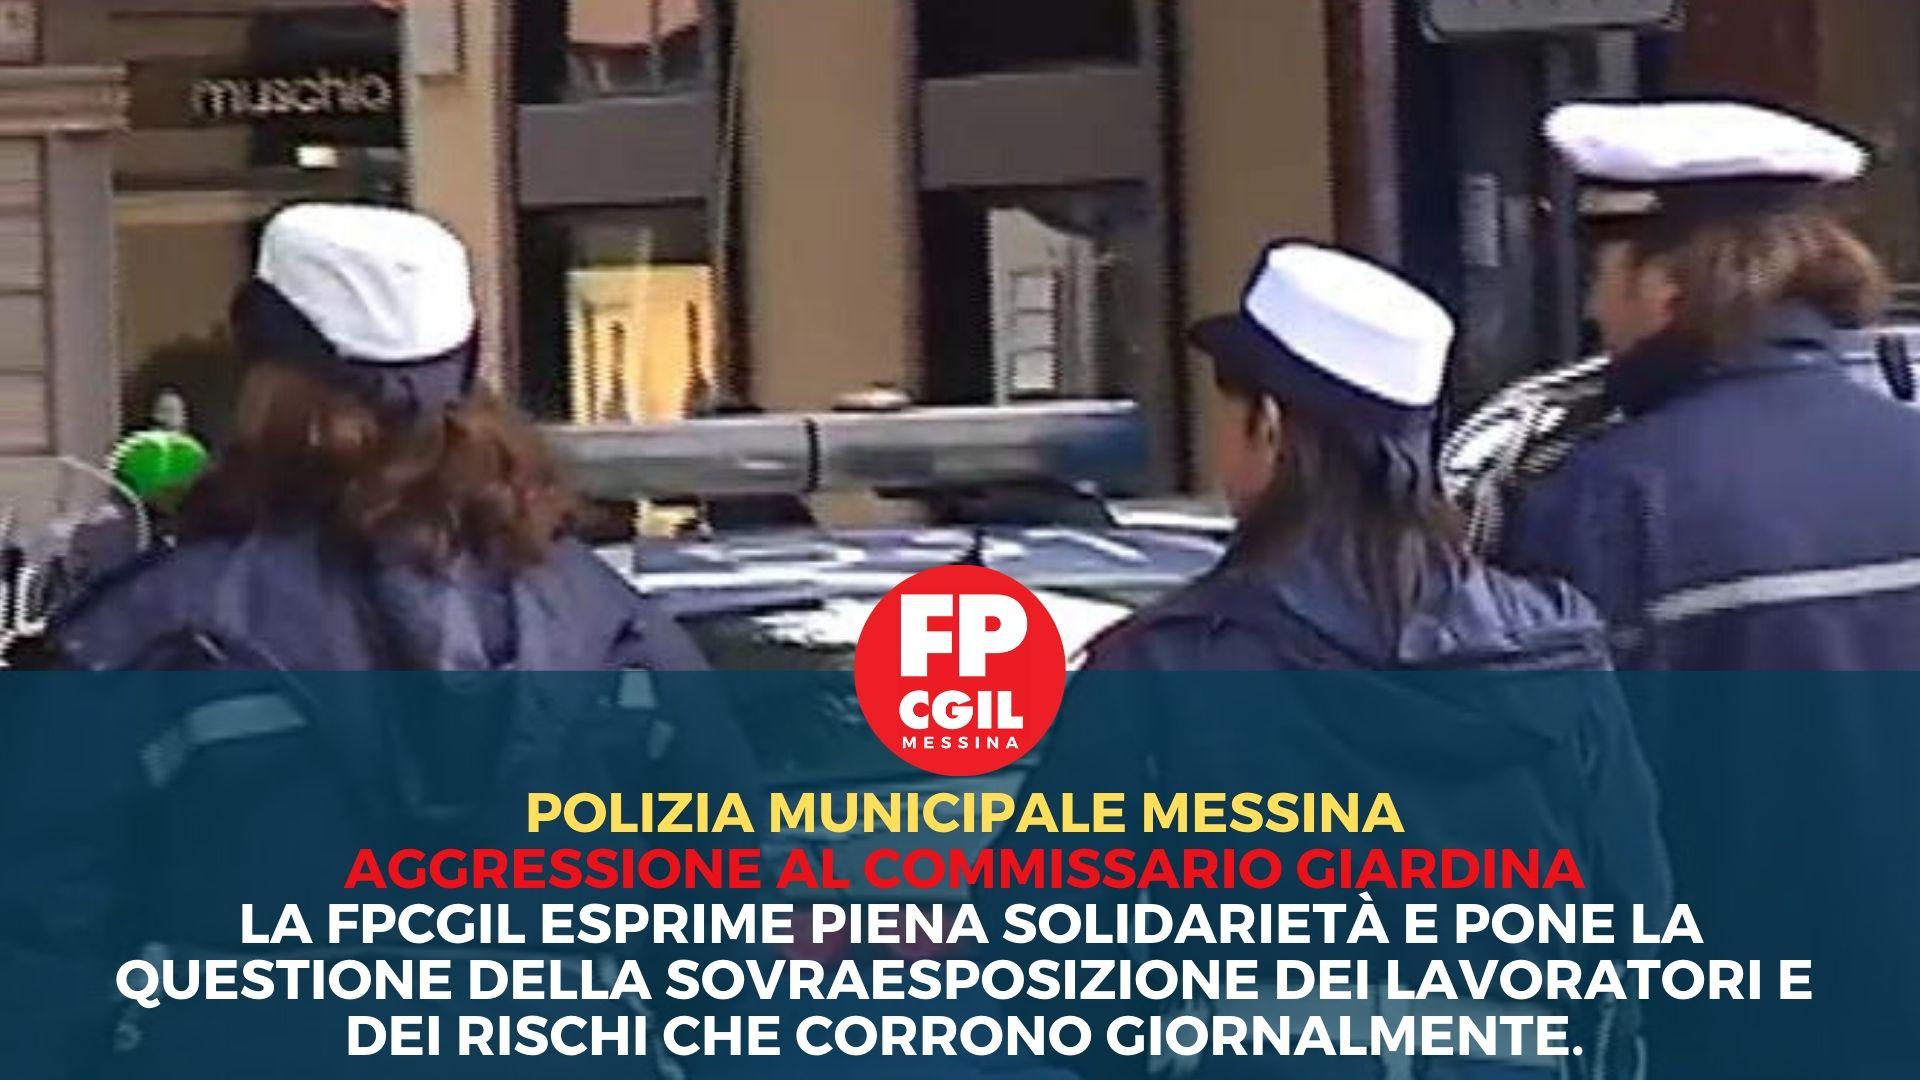 Polizia Municipale Messina, aggressione al Commissario Giardina. La FPCGIL esprime piena solidarietà e pone la questione della sovraesposizione dei lavoratori e dei rischi che corrono giornalmente.